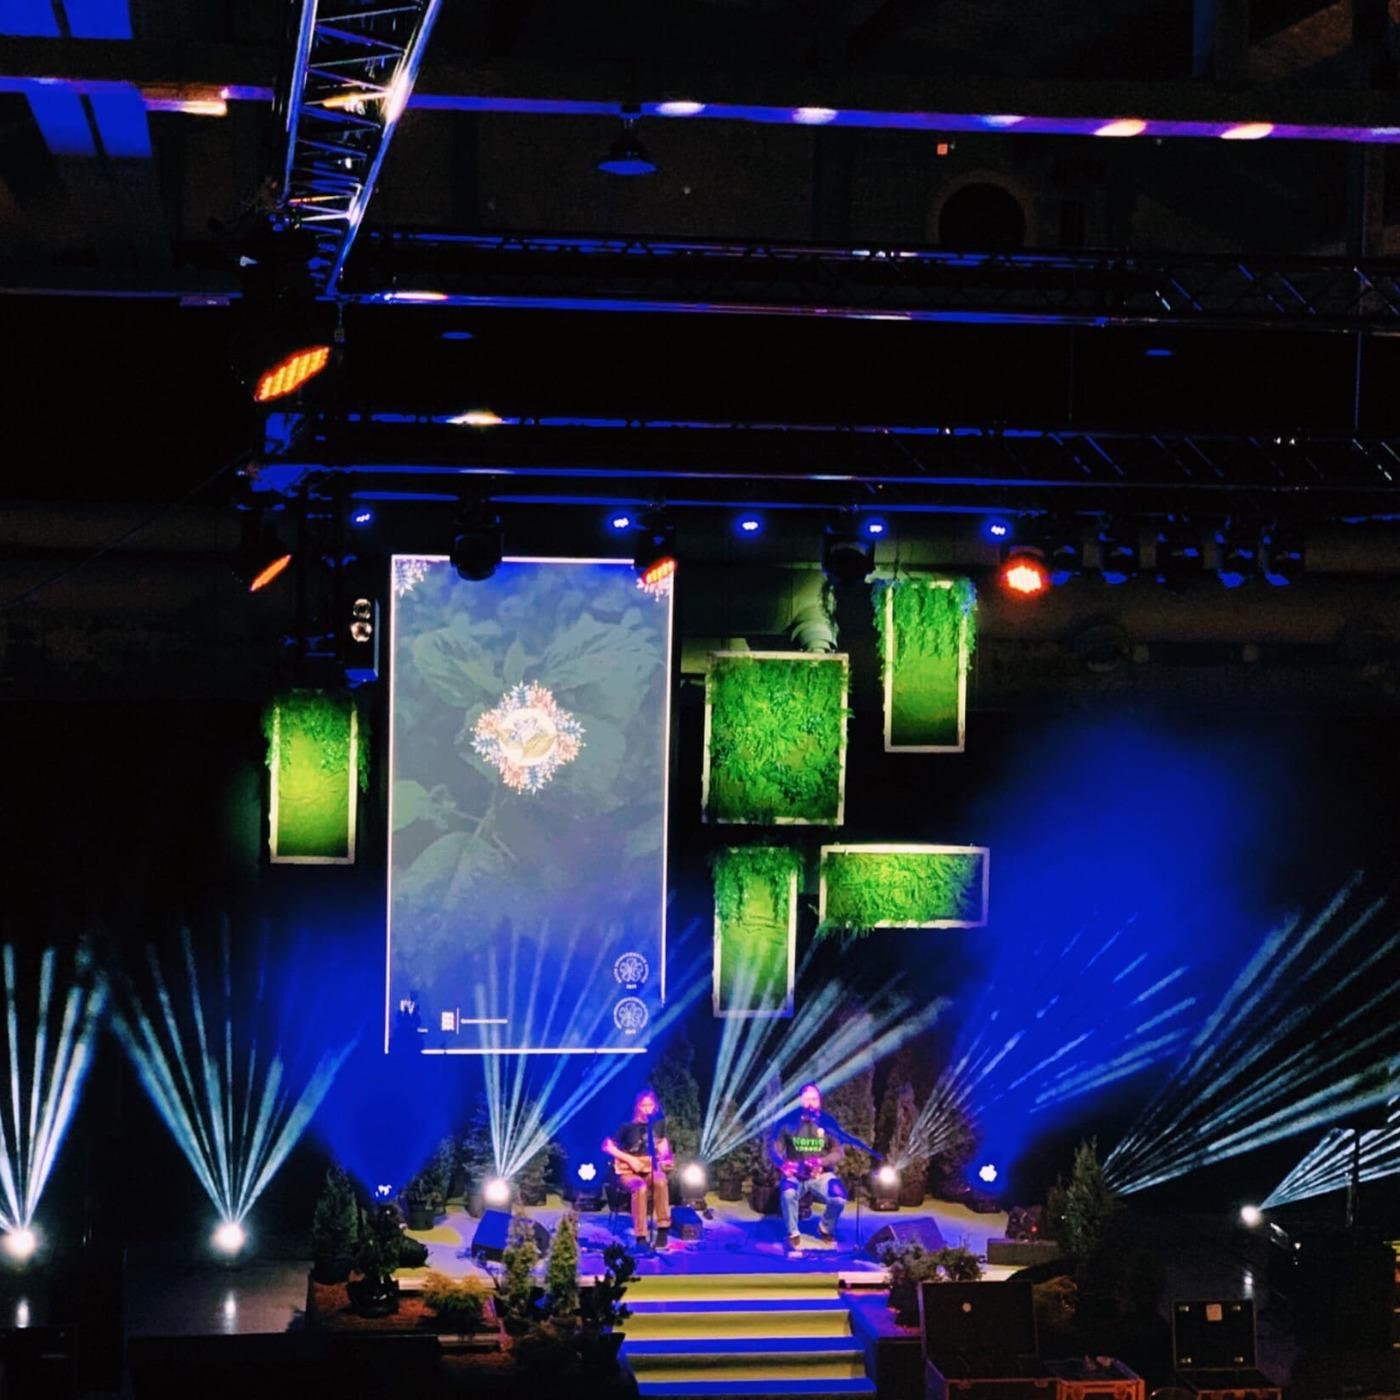 ürituste dekoreerimine, dekoratsioonid lavale